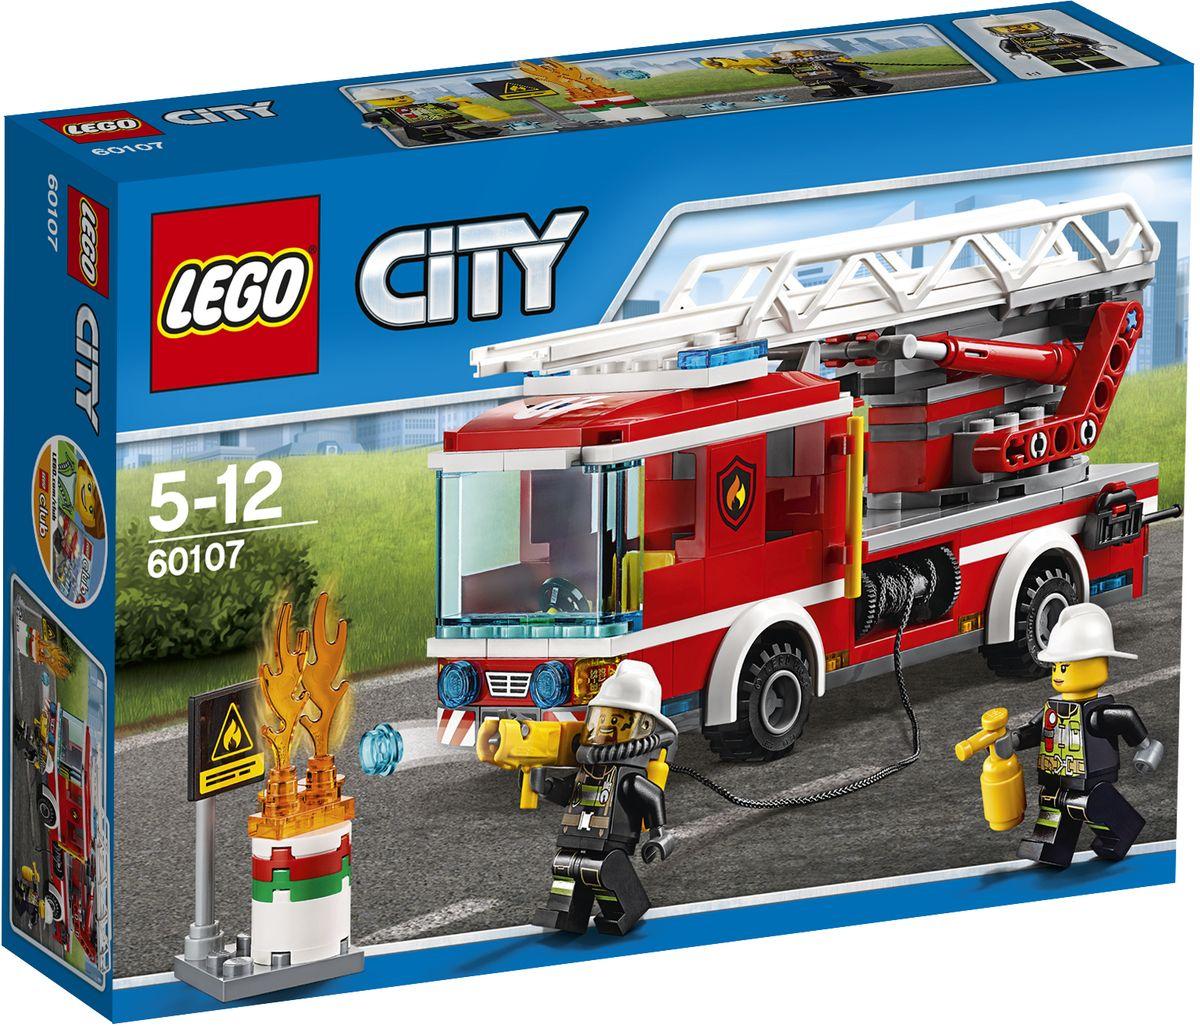 LEGO City Конструктор Пожарный автомобиль с лестницей 6010760107Конструктор Lego City Пожарный автомобиль с лестницей приведет в восторг любого ребенка, ведь все дети обожают знаменитые конструкторы Lego. Конструктор содержит 214 пластиковых элементов, с помощью которых малыш сможет собрать небольшую сценку из жизни Города Lego. Запрыгивай в пожарный грузовик с лестницей и спеши на место действия! Выдвигай лестницу и туши огонь. Используй специальный, выстреливающий водными элементами, шланг для борьбы с огнем и сбивай пламя на земле с помощью огнетушителя. Предотврати взрыв бочки с нефтью! Ты должен защитить город! В комплекте: элементы для сборки пожарной машины, фигурки двух пожарных, а также дополнительные аксессуары, которые разнообразят игру. Лестница на крыше машины поднимается и раскладывается, а шланг выстреливает снарядами, входящими в набор. Игры с конструкторами помогут ребенку развить воображение, внимательность, пространственное мышление и творческие способности. Такой конструктор надолго займет внимание малыша и...